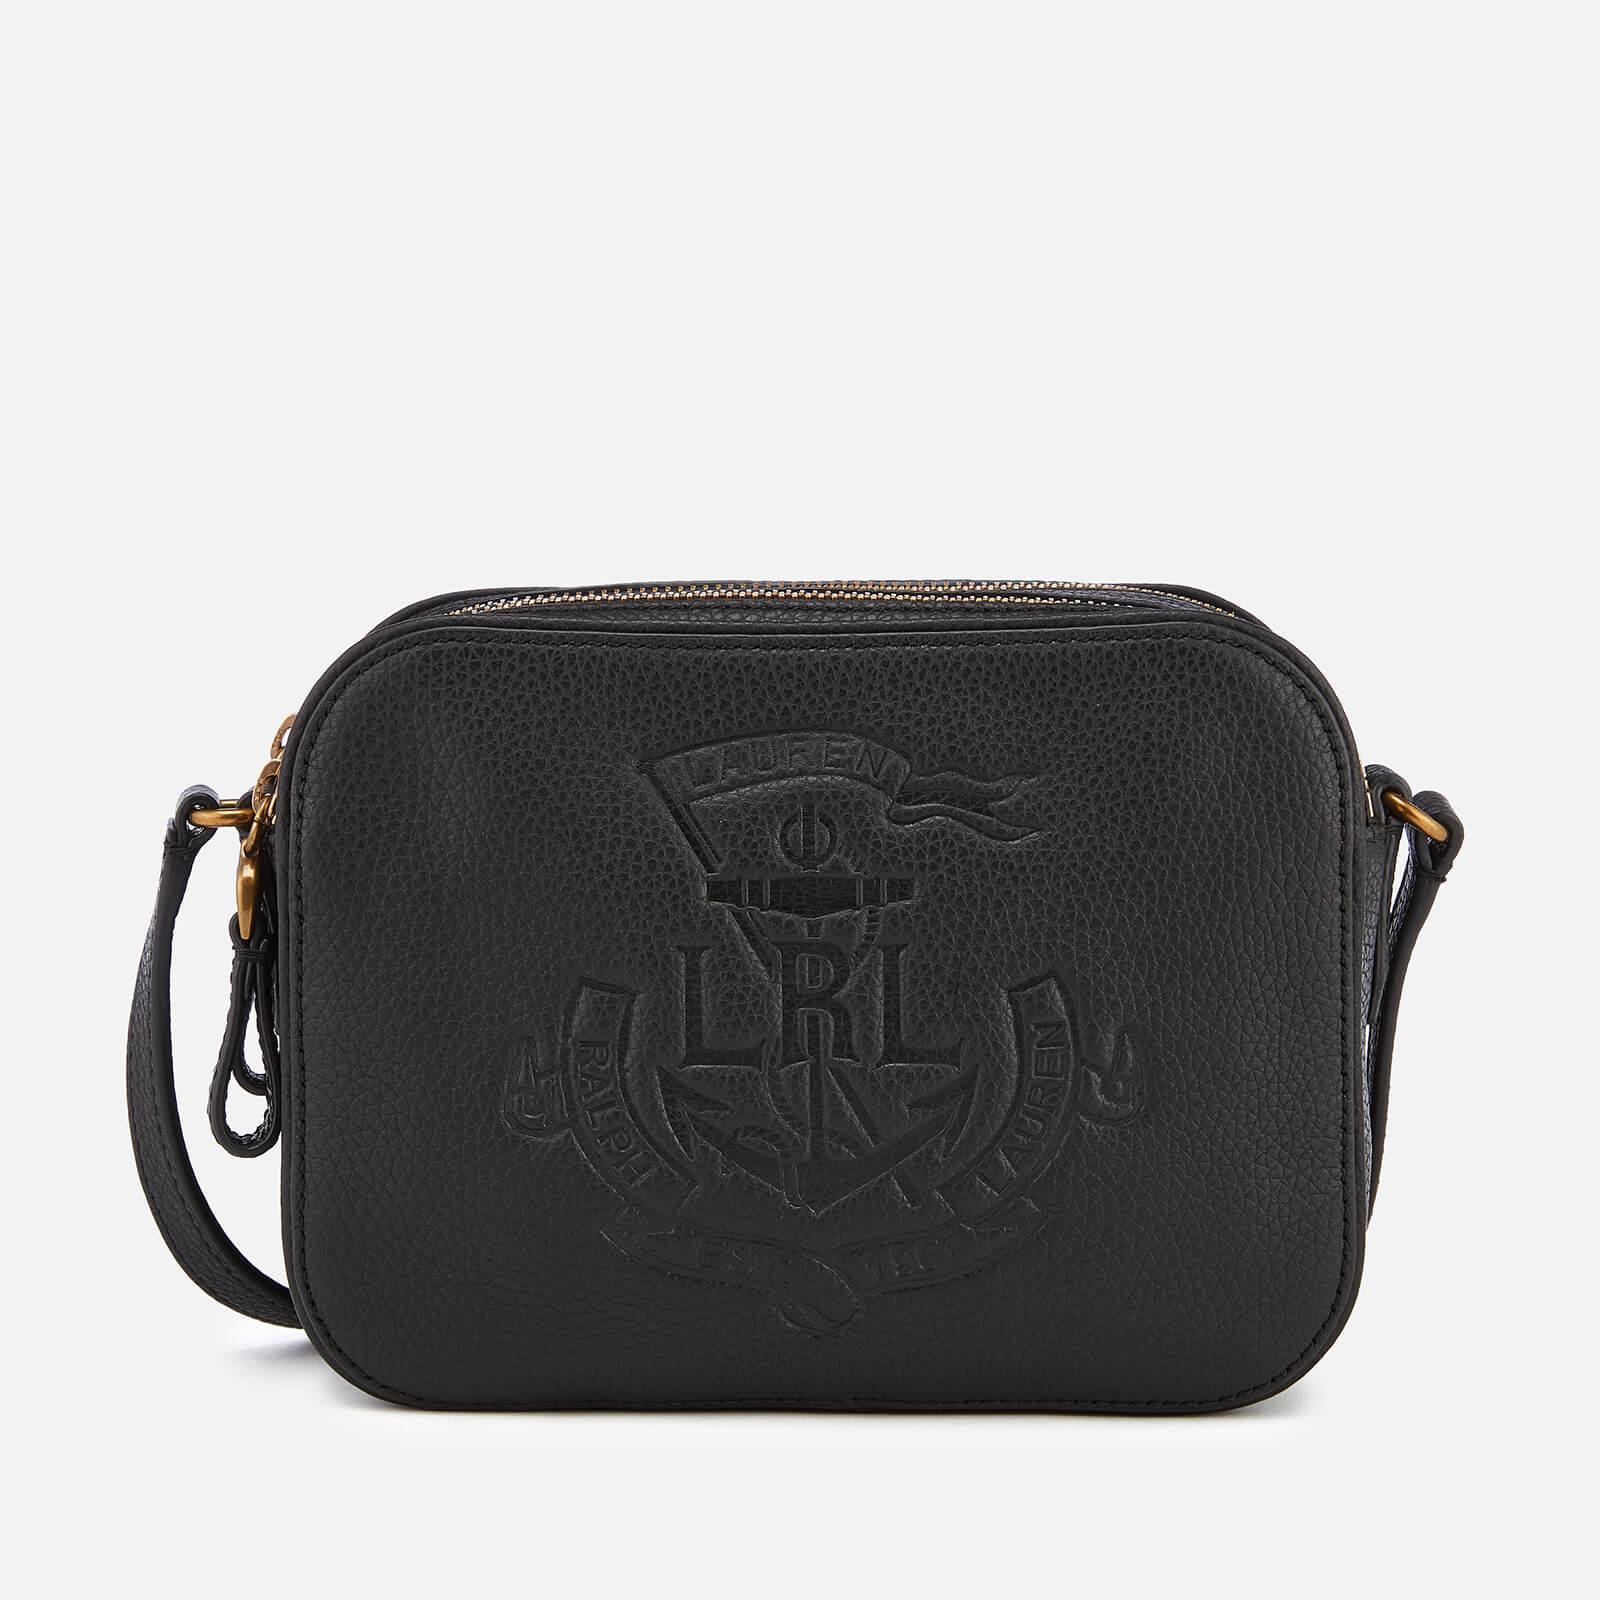 Lyst - Lauren by Ralph Lauren Huntley Medium Camera Bag in Black ... 07ce12d1c4f4b